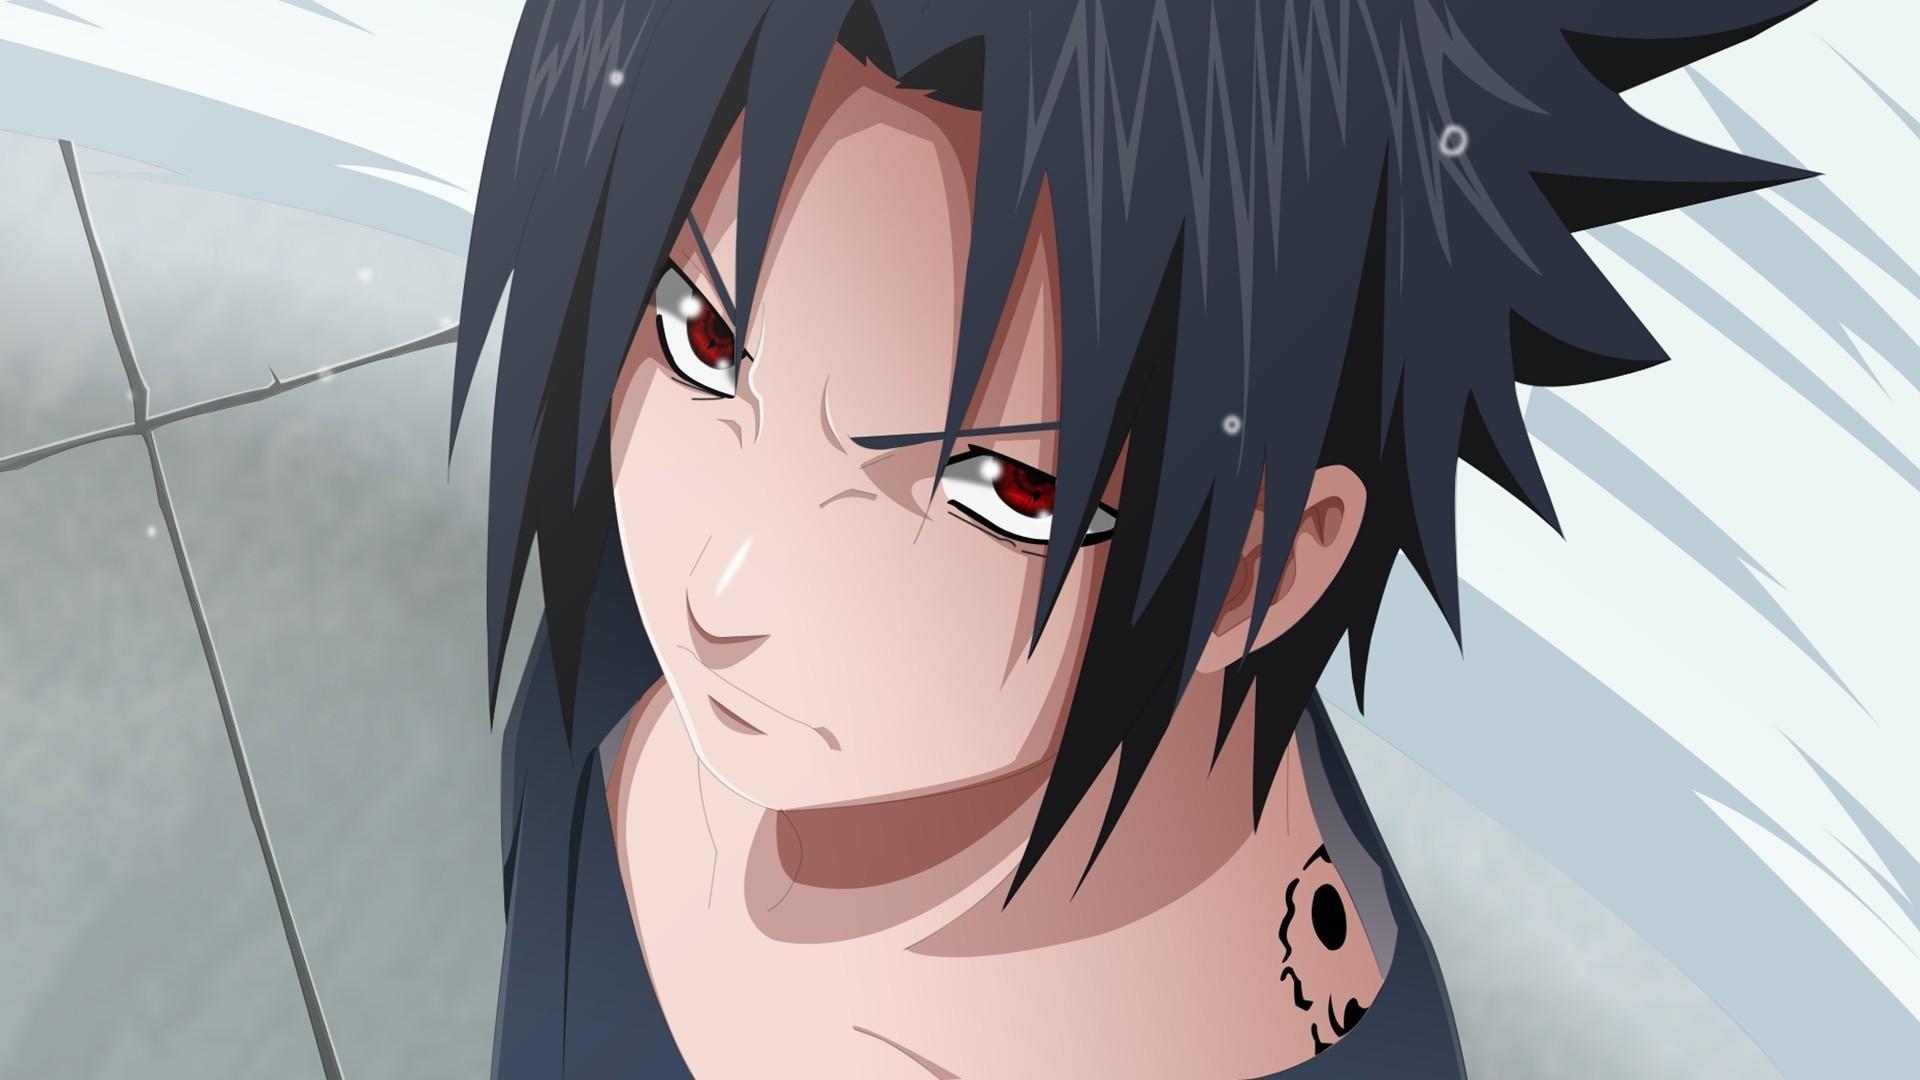 Uchiha Sasuke, Naruto Shippuden, Sharingan - Sasuke Hd - HD Wallpaper